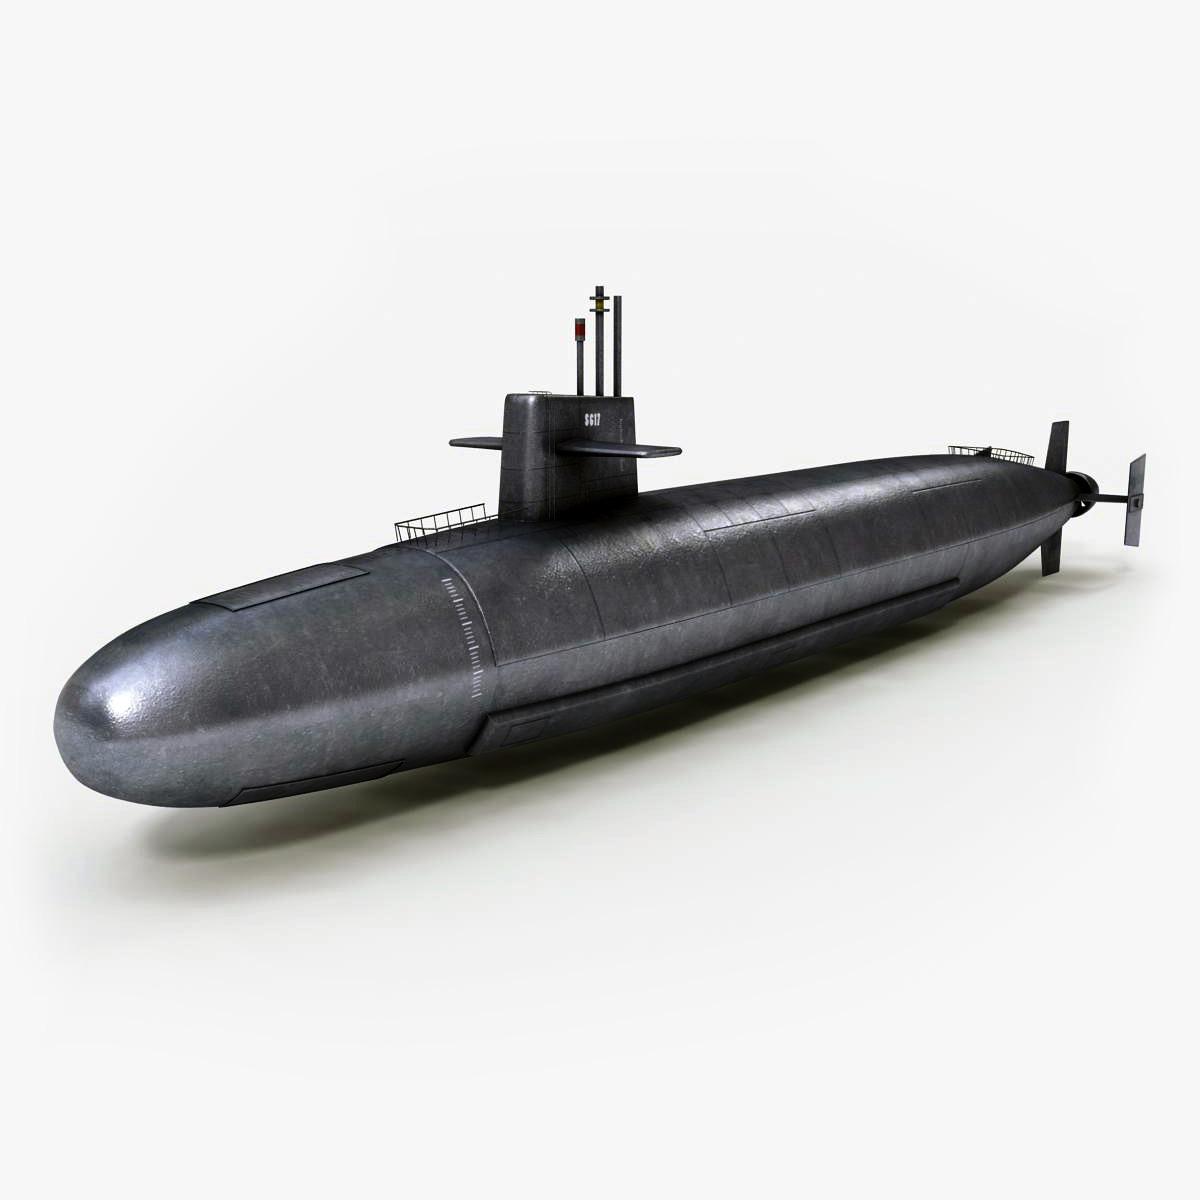 Submarine_Class_Le_Triomphant_S617_00.jpg